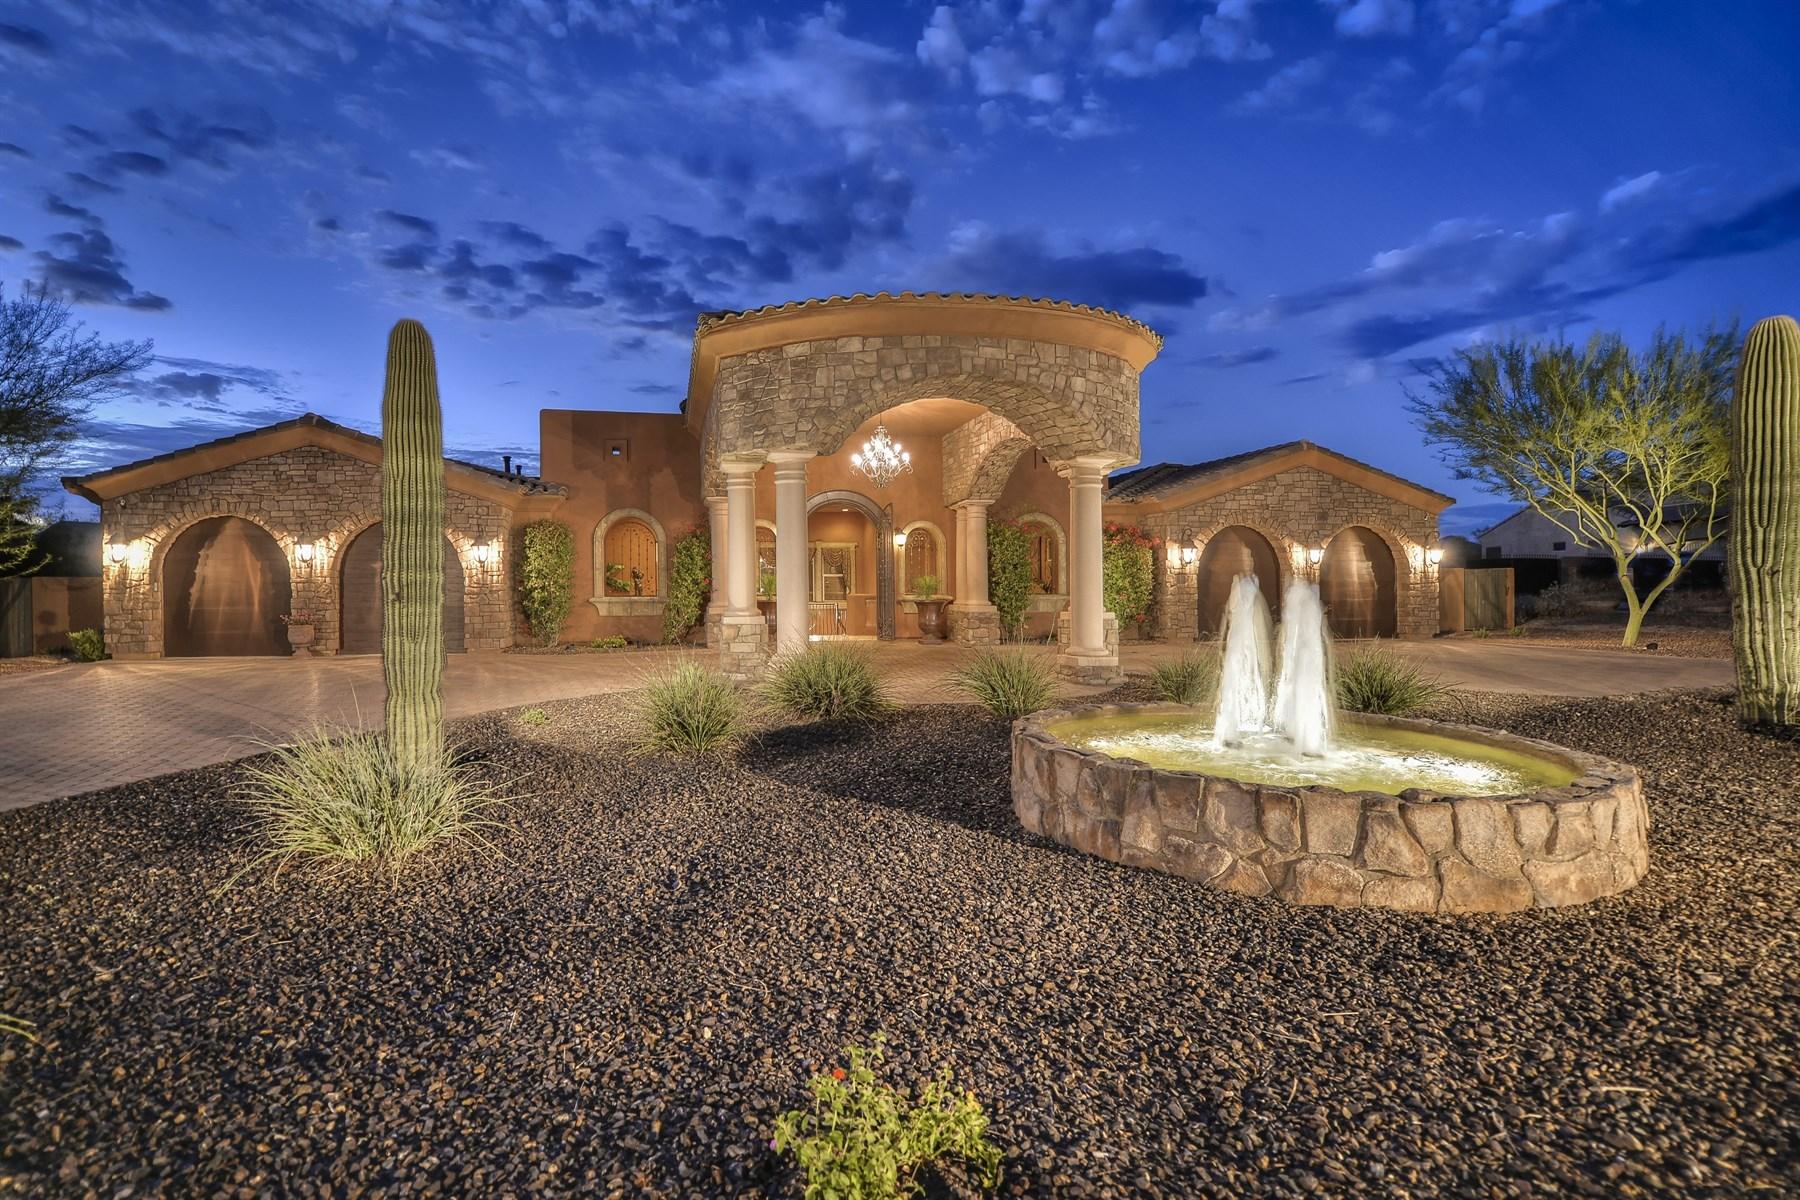 Maison unifamiliale pour l Vente à Beautiful Mediterranean style home 8214 E Kael St Mesa, Arizona, 85207 États-Unis